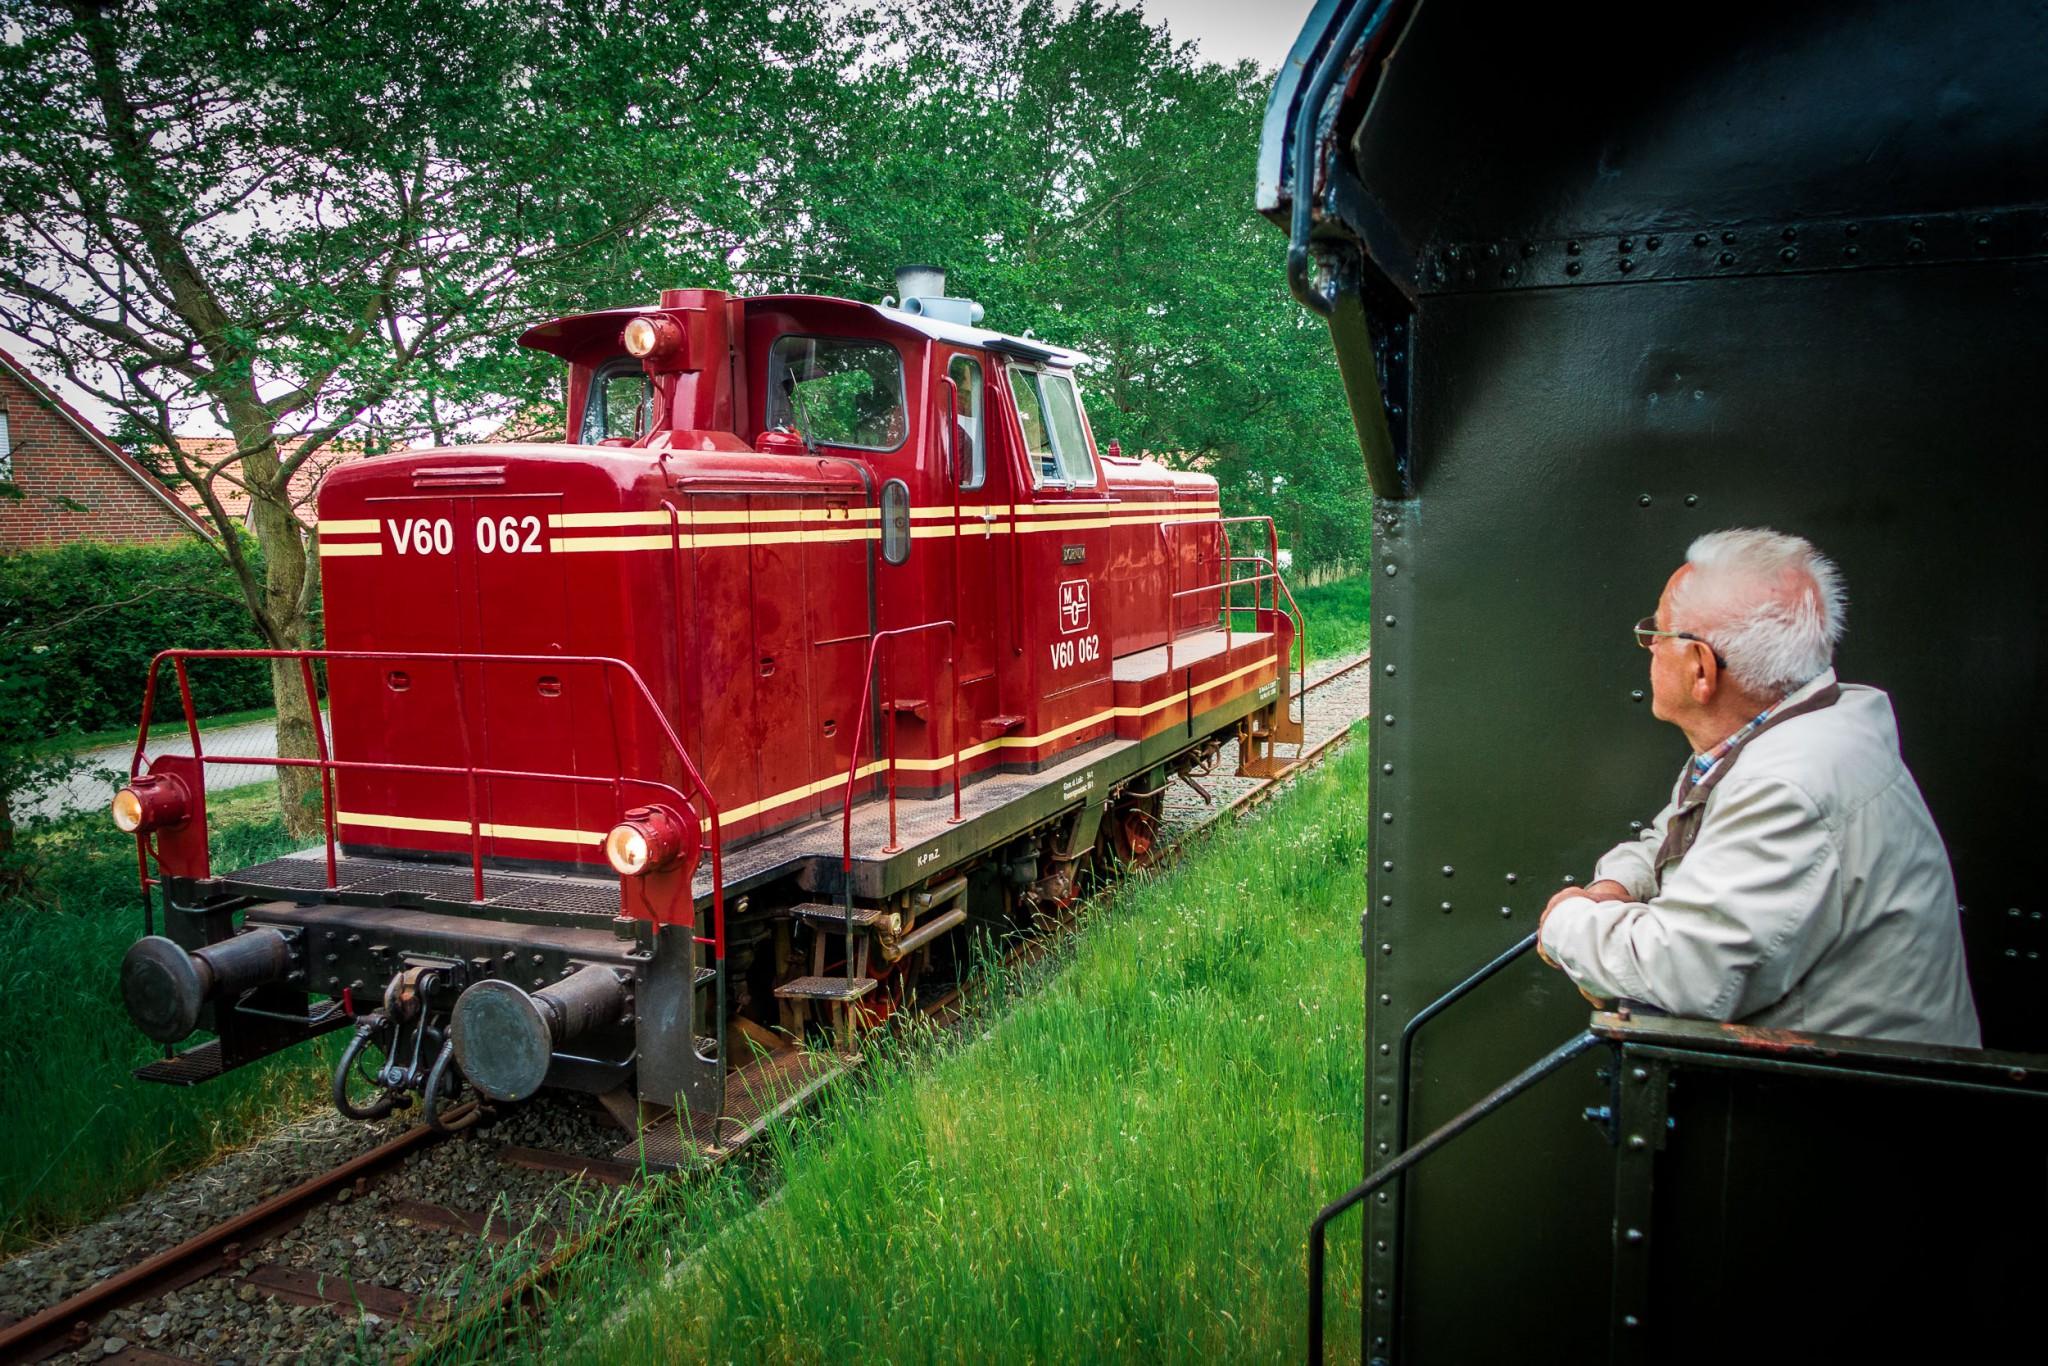 Museumseisenbahn Küstenbahn Ostfriesland - Norden (M K O)